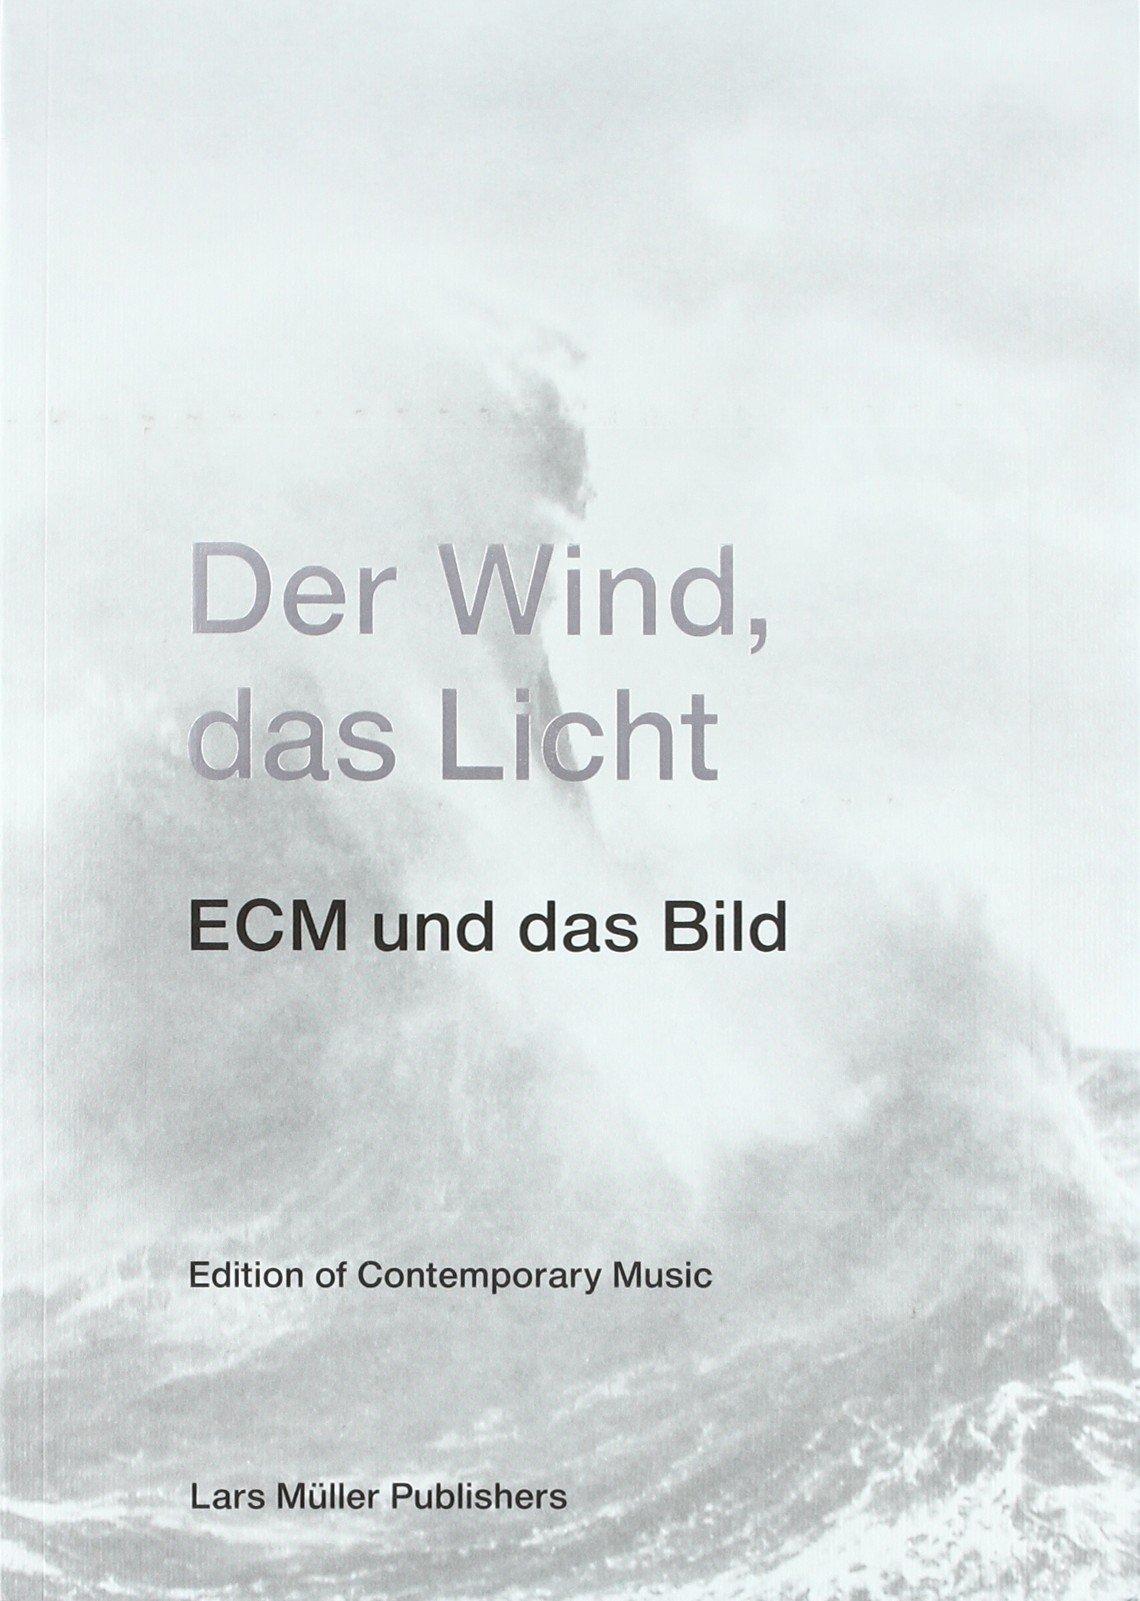 Der Wind, das Licht – ECM und das Bild